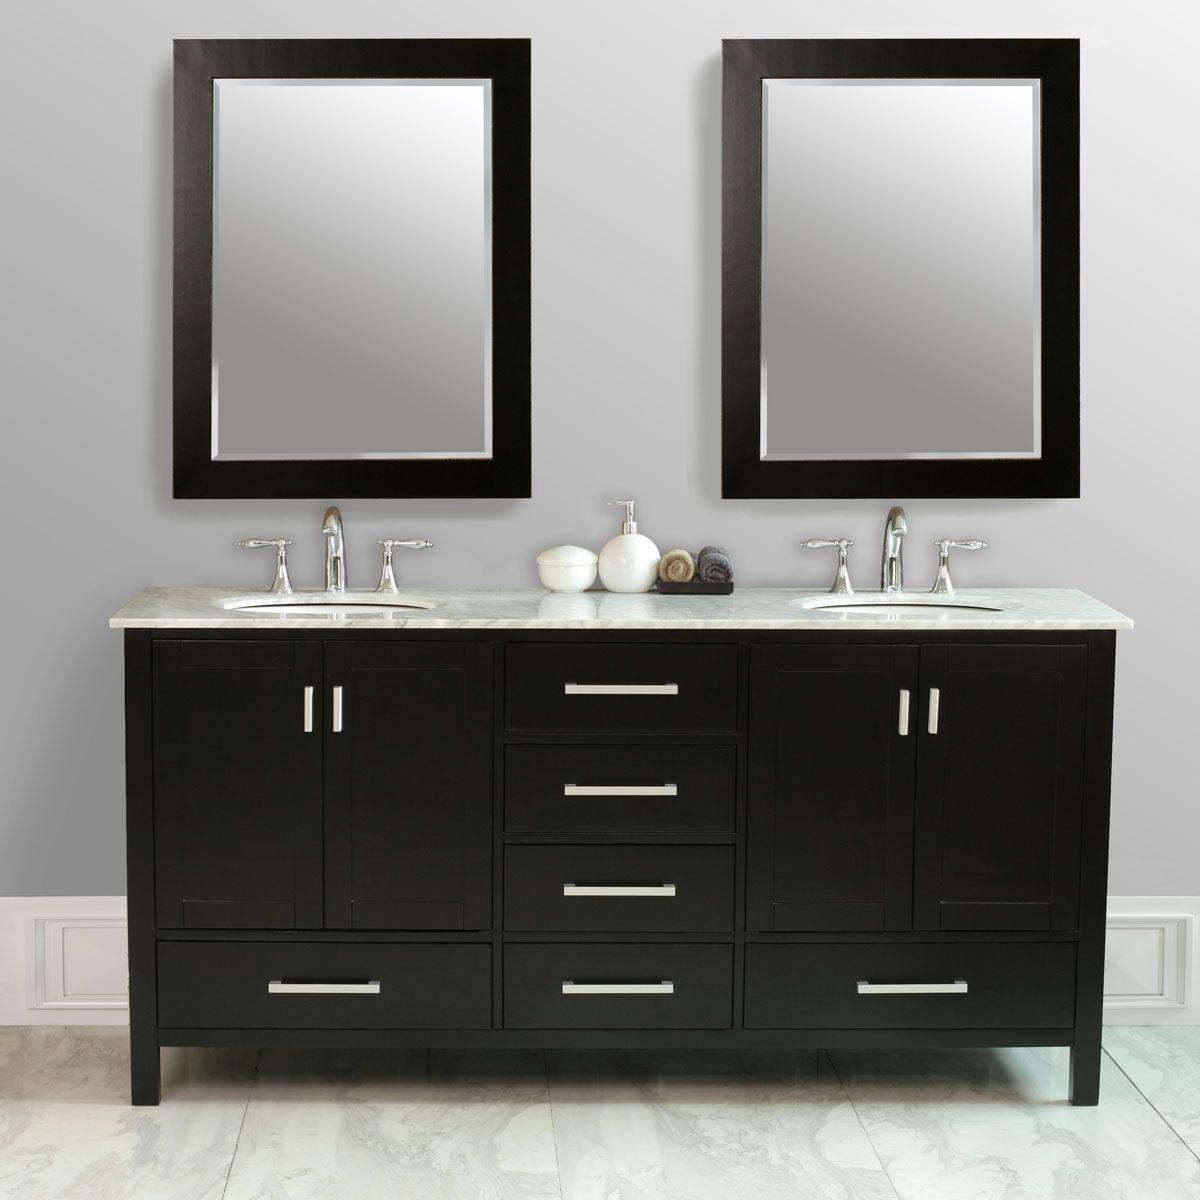 Bathroom Mirrors 72 X 36 bathroom mirrors 72 x 36 | bathroom design 2017-2018 | pinterest